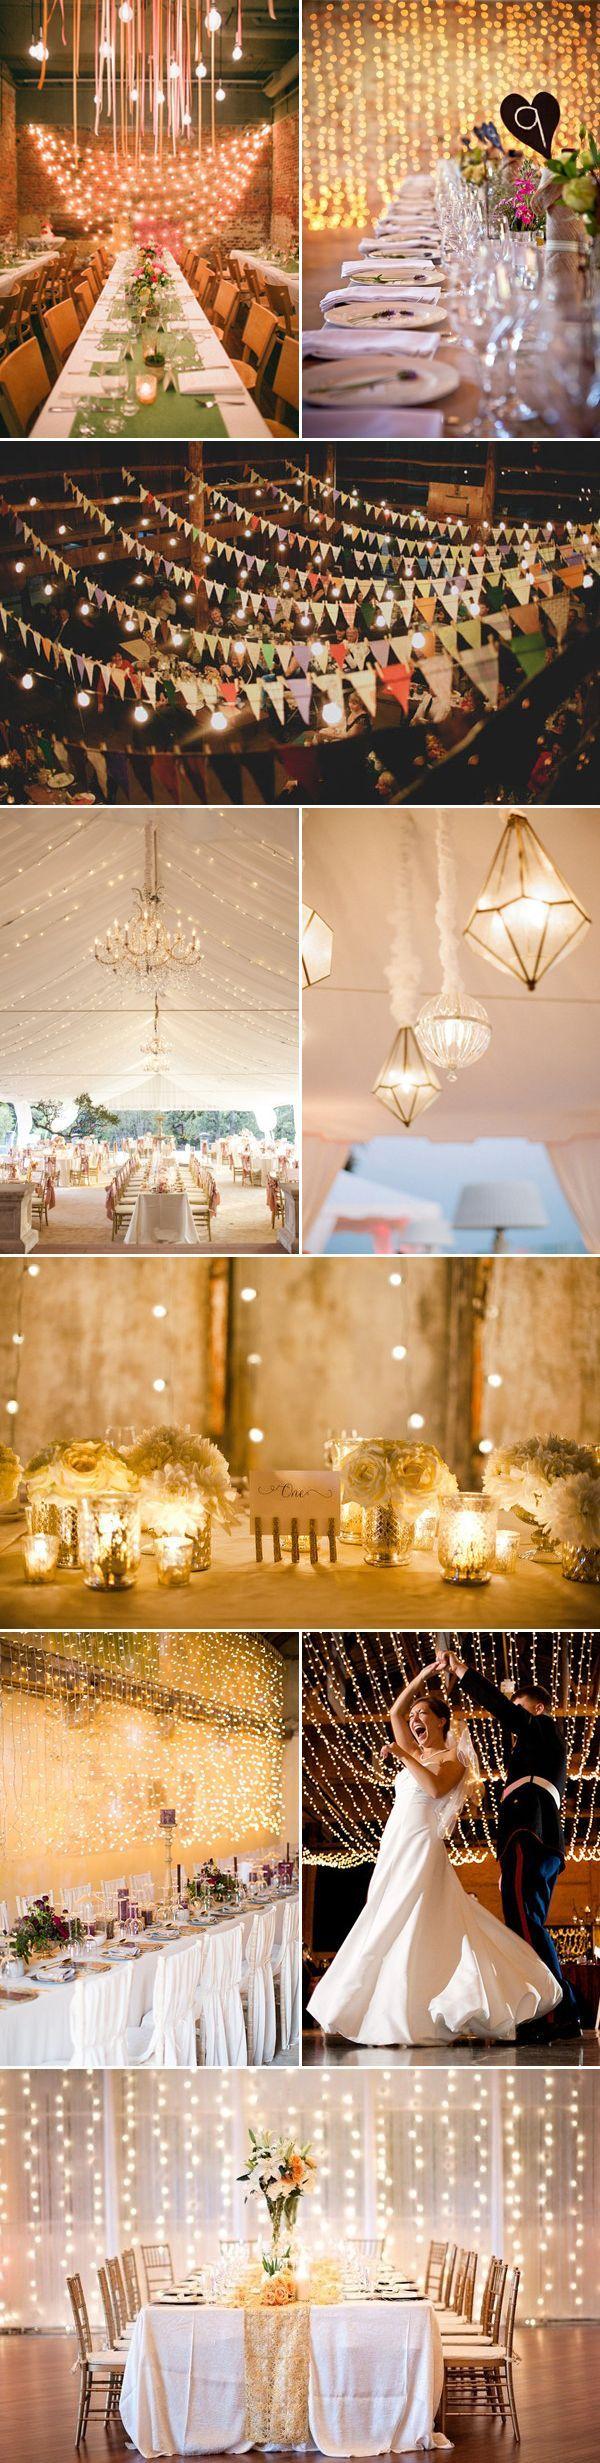 Indoor string lights wedding - Best 25 Wedding Lighting Indoor Ideas On Pinterest Paper Lantern Lights Indoor Wedding Decorations And Wedding Reception Venues